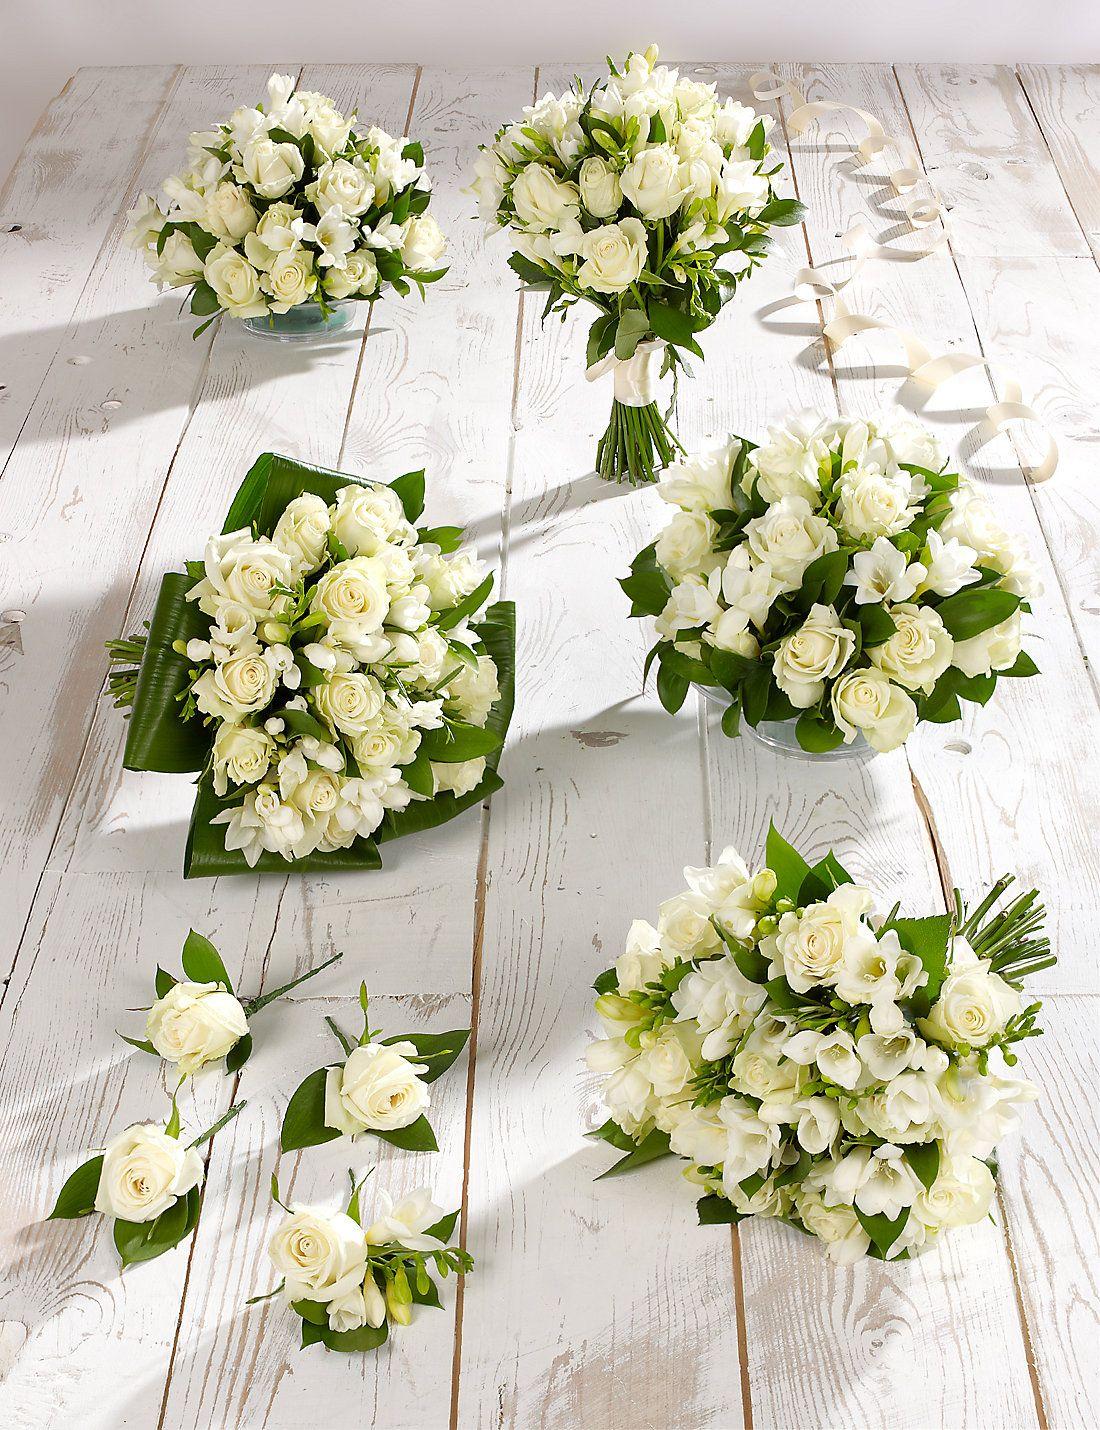 White rose freesia wedding flowers bouquet bellisimo pinterest white rose freesia wedding flowers izmirmasajfo